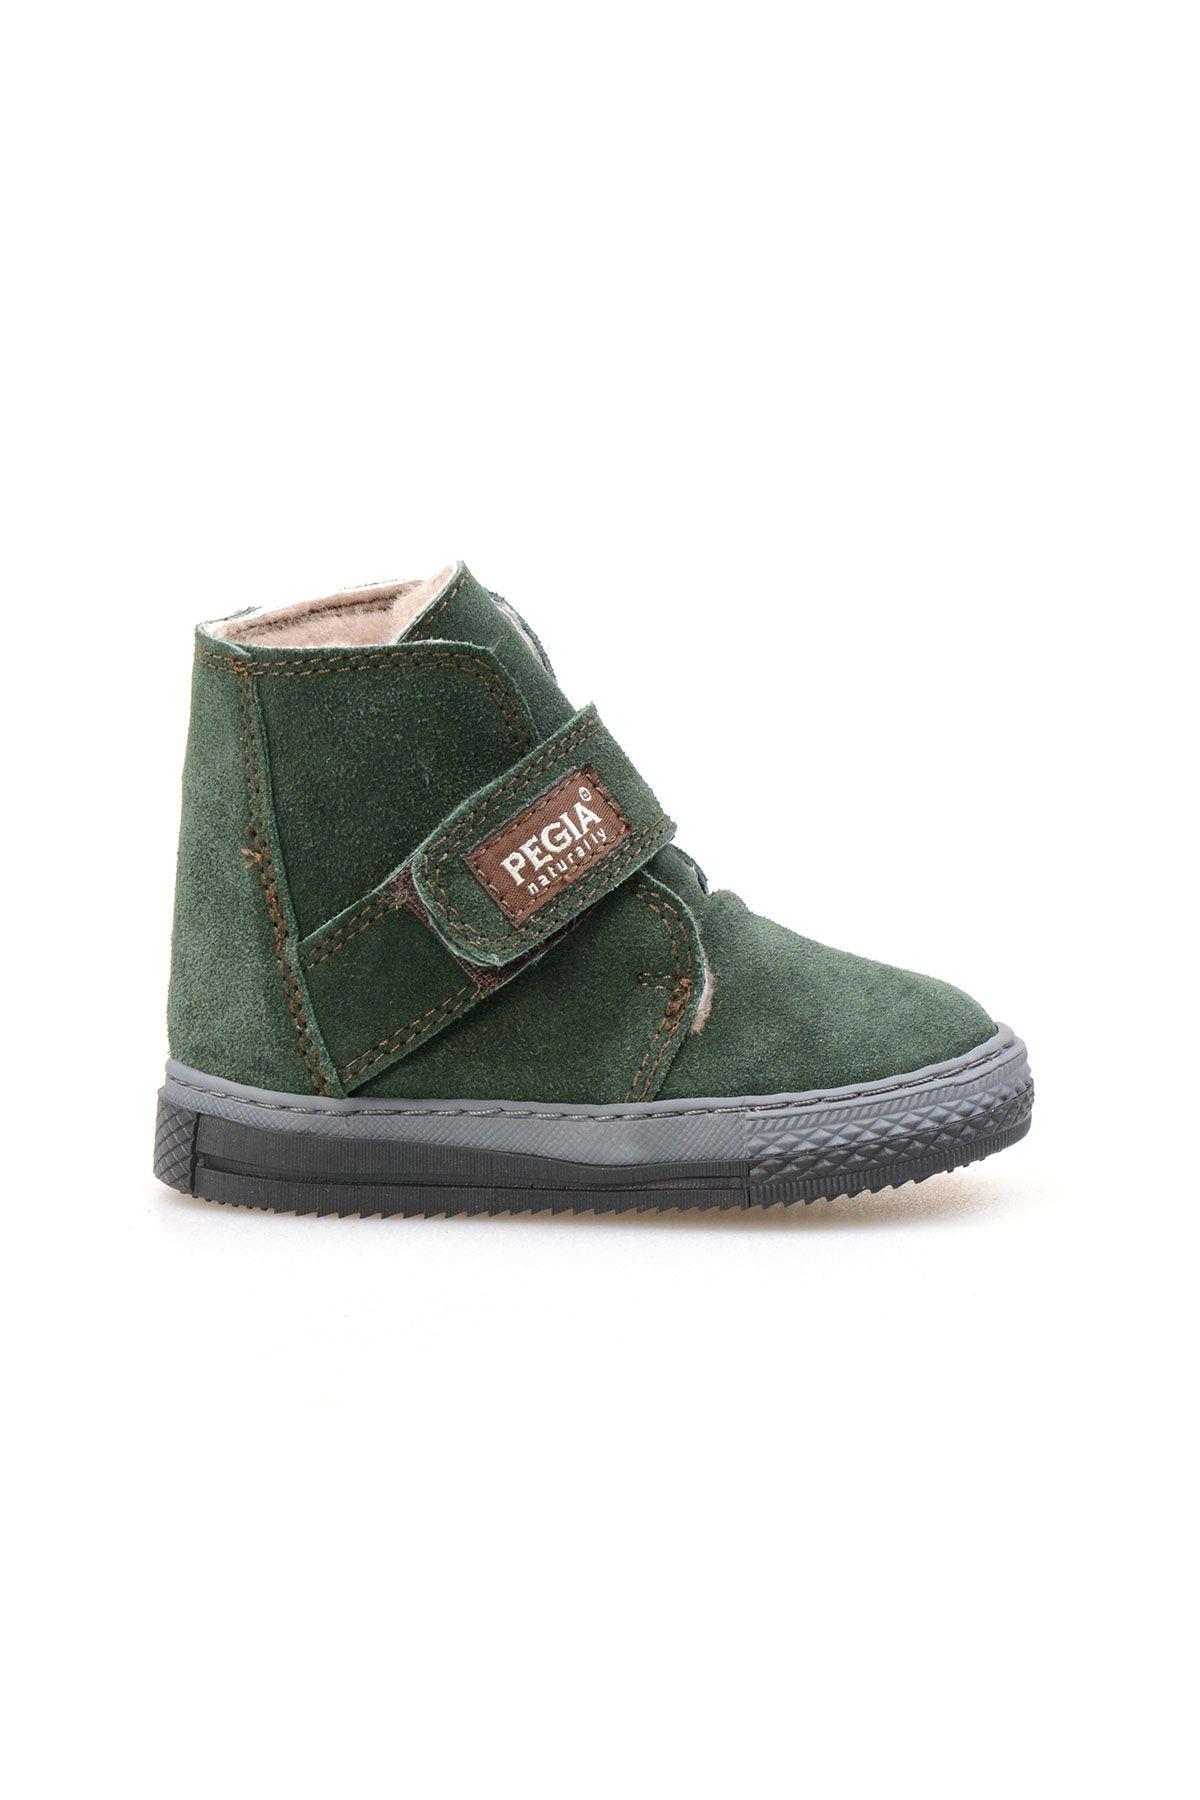 Pegia Genuine Suede Sheepskin Lined Kid's Boots 186020 Dark-green